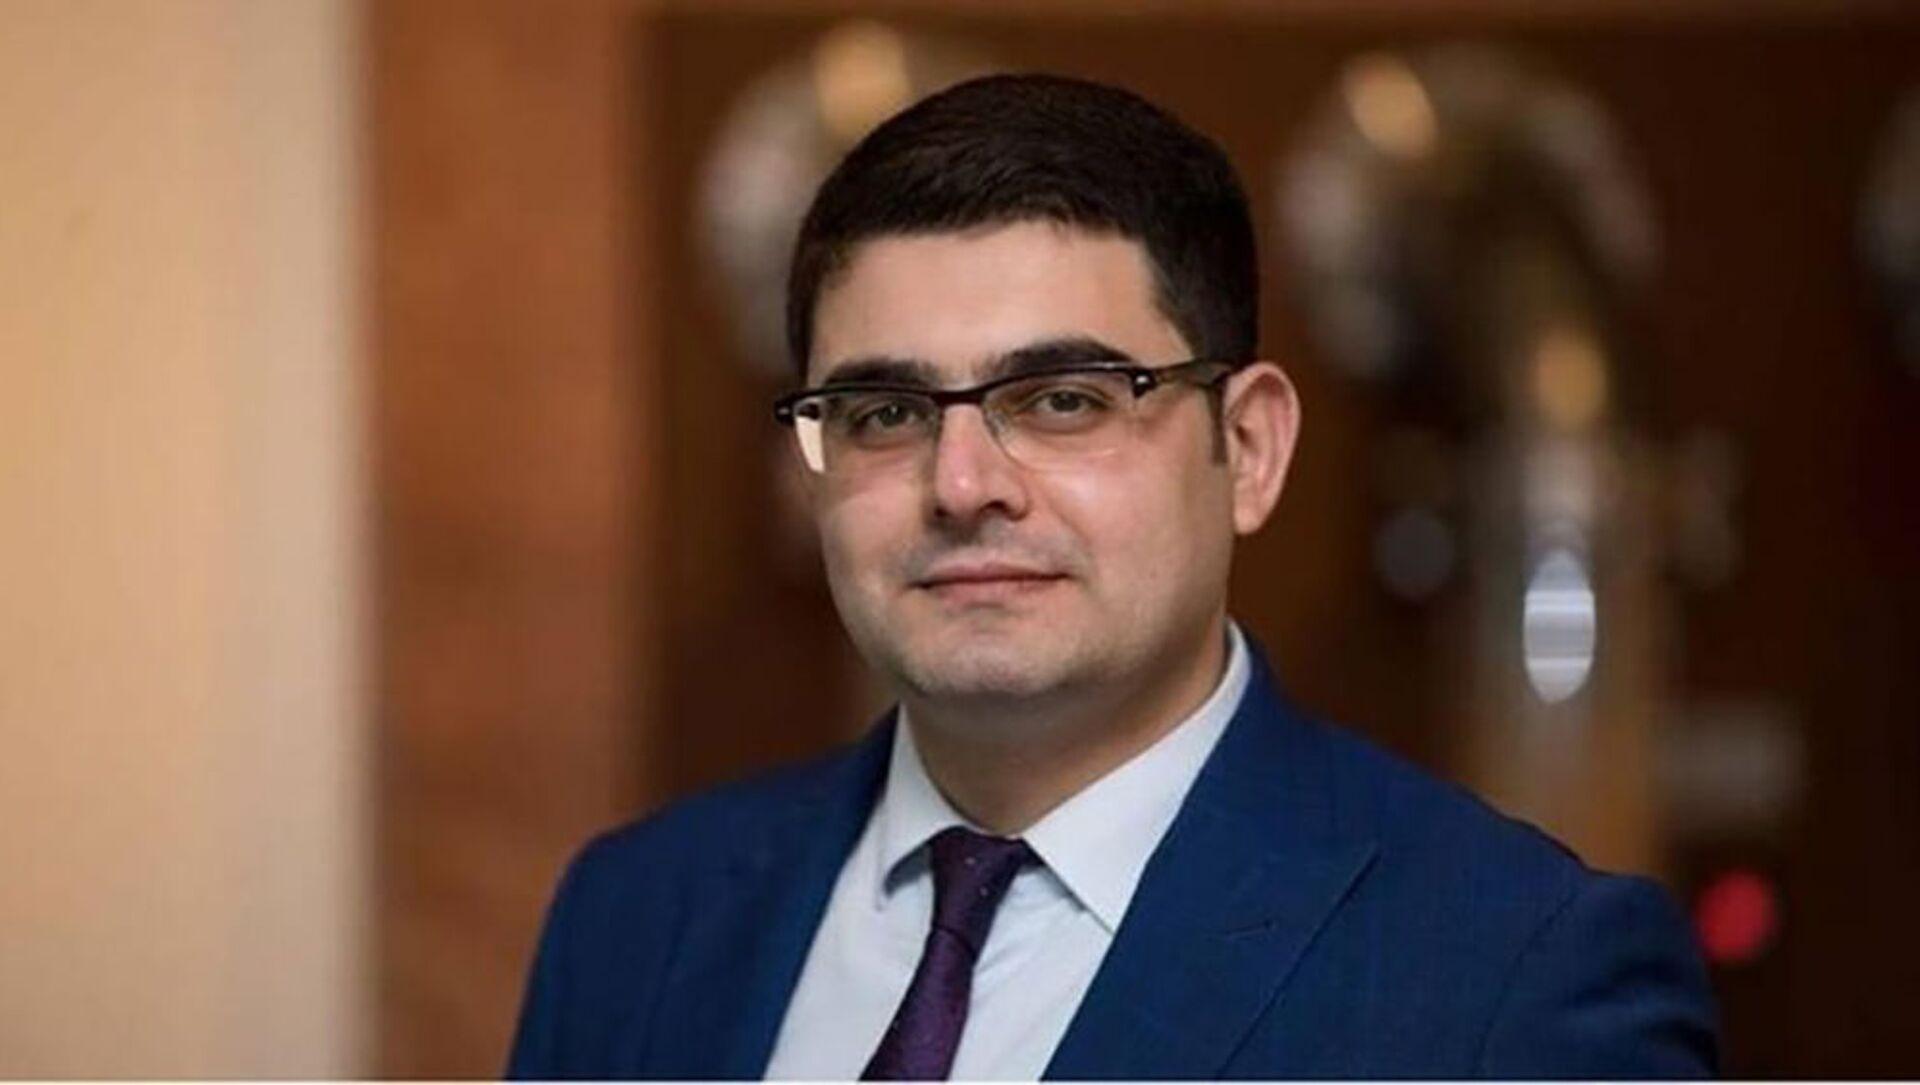 Enerji məsələləri üzrə ekspert, fəlsəfə doktoru Emin Axundzadə - Sputnik Азербайджан, 1920, 02.09.2021